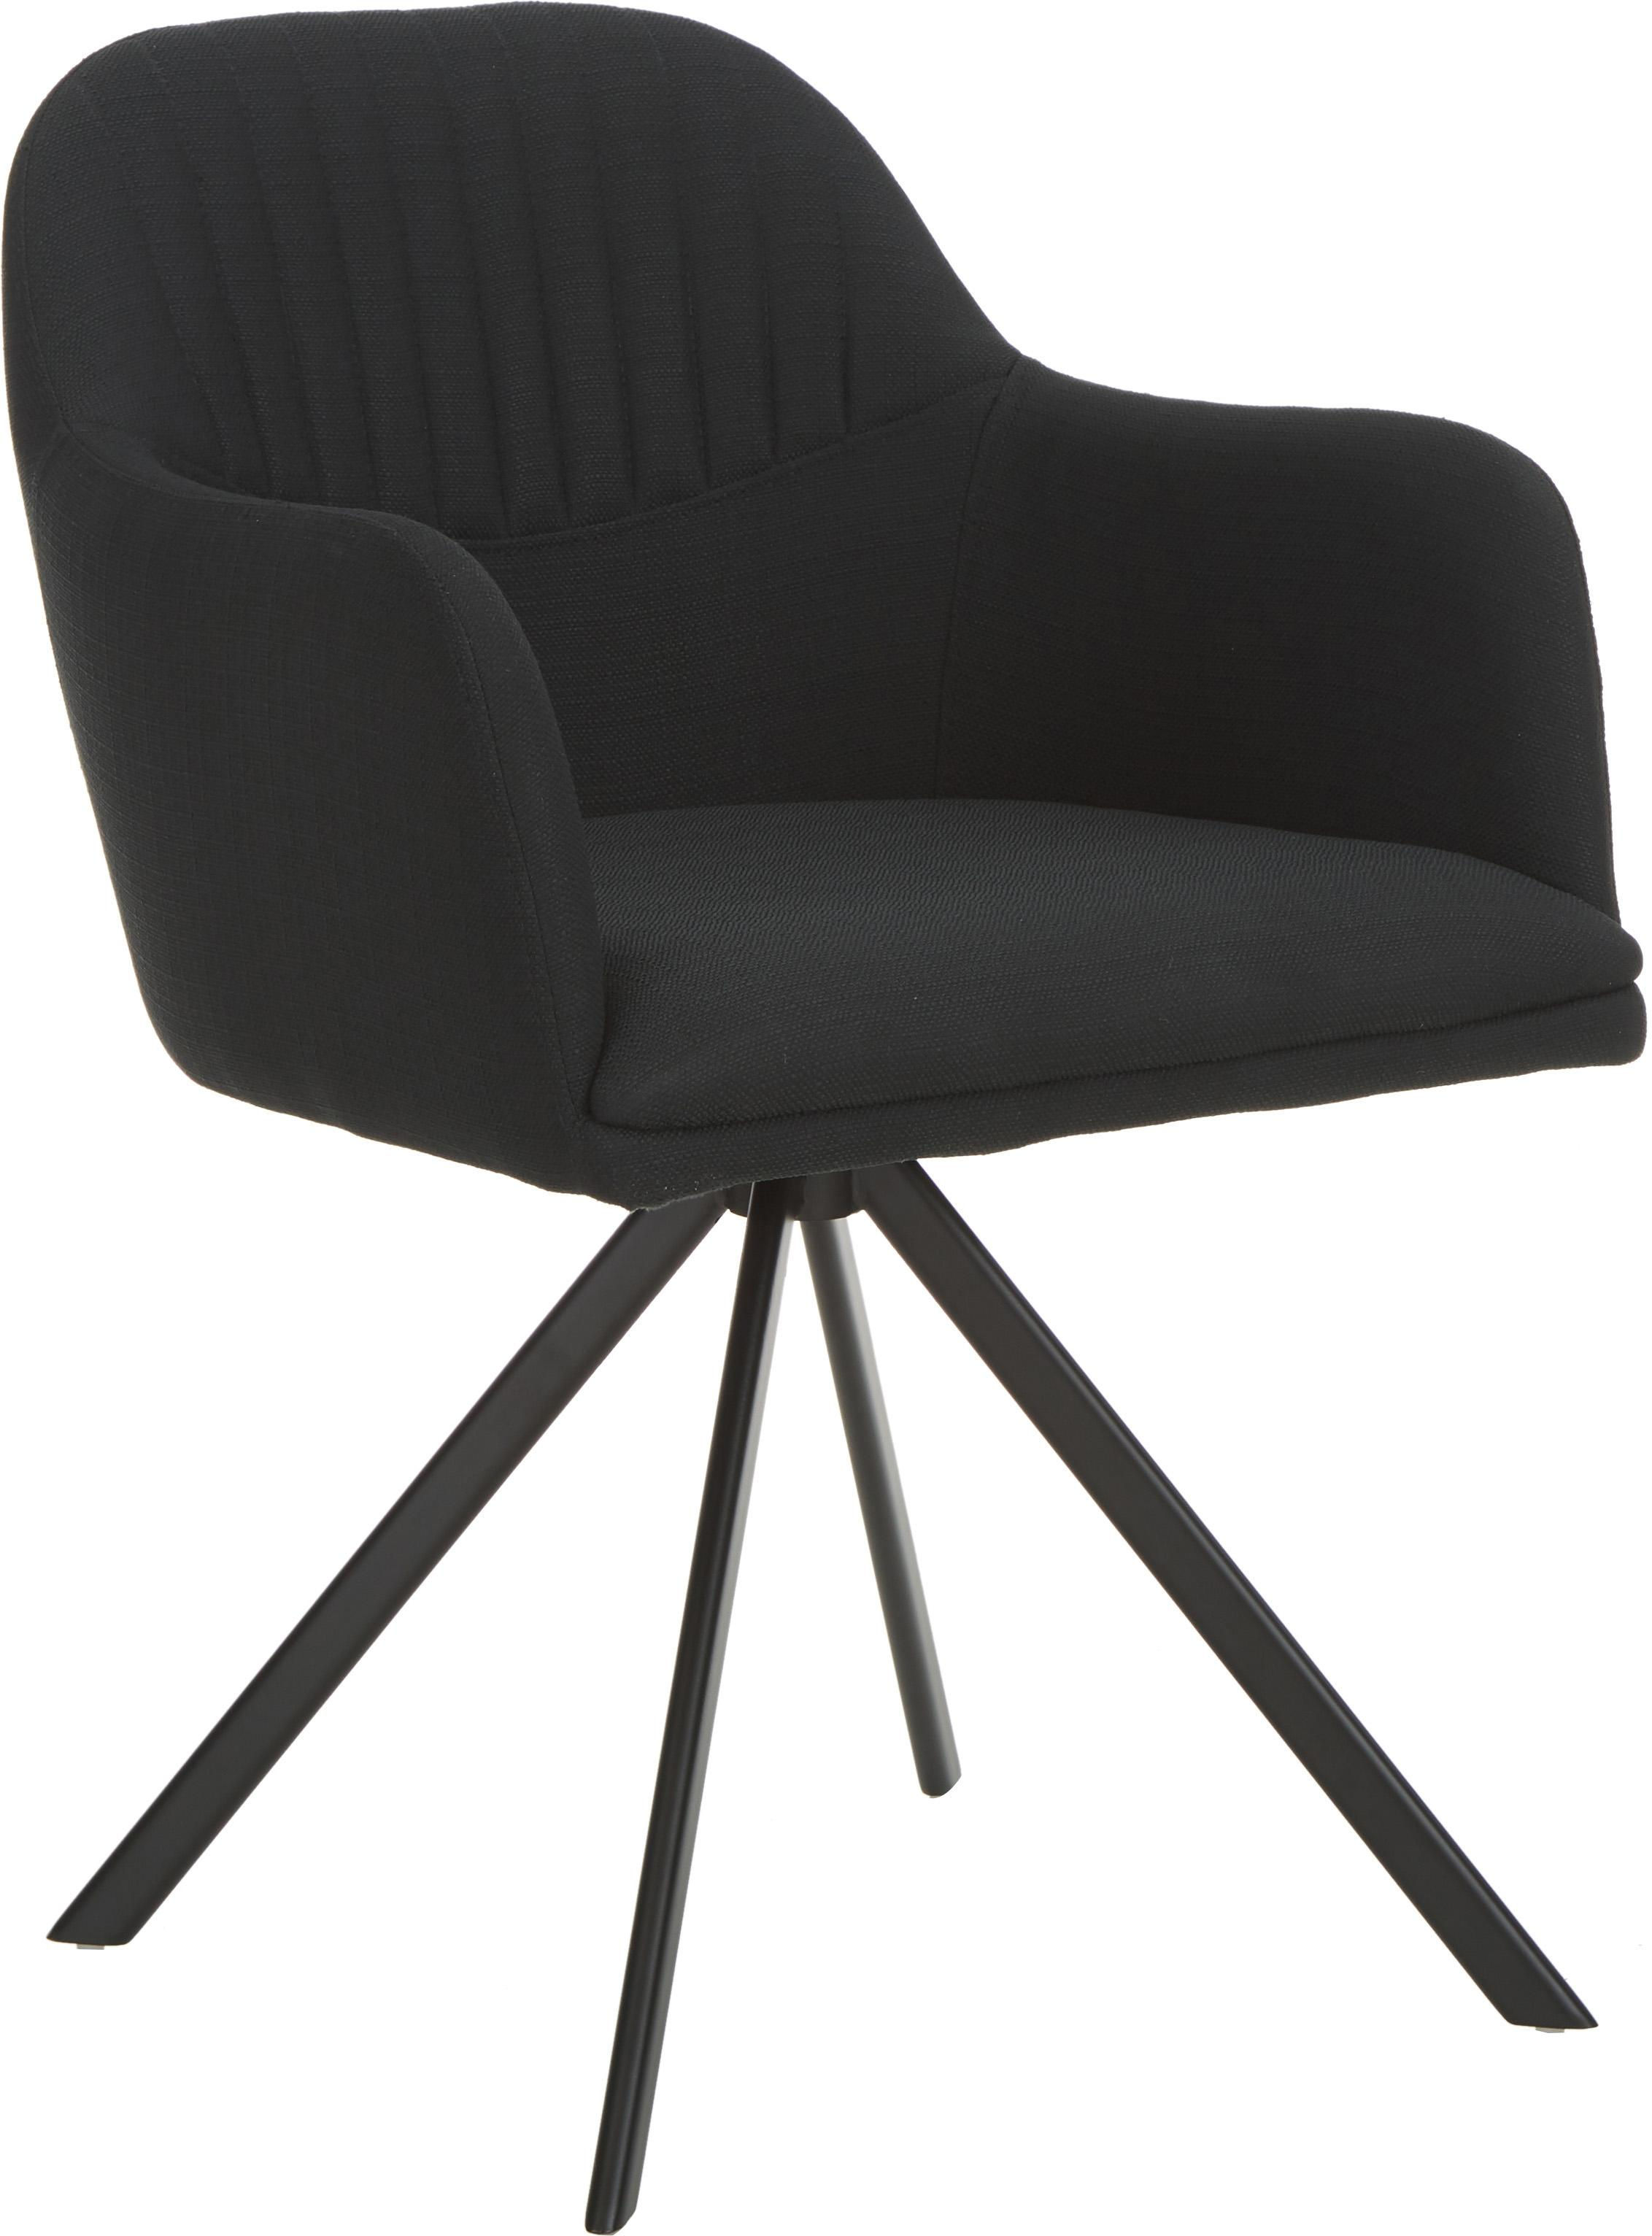 Polster-Drehstuhl Lola mit Armlehne, Bezug: Polyester, Webstoff Schwarz, Beine Schwarz, B 55 x T 52 cm